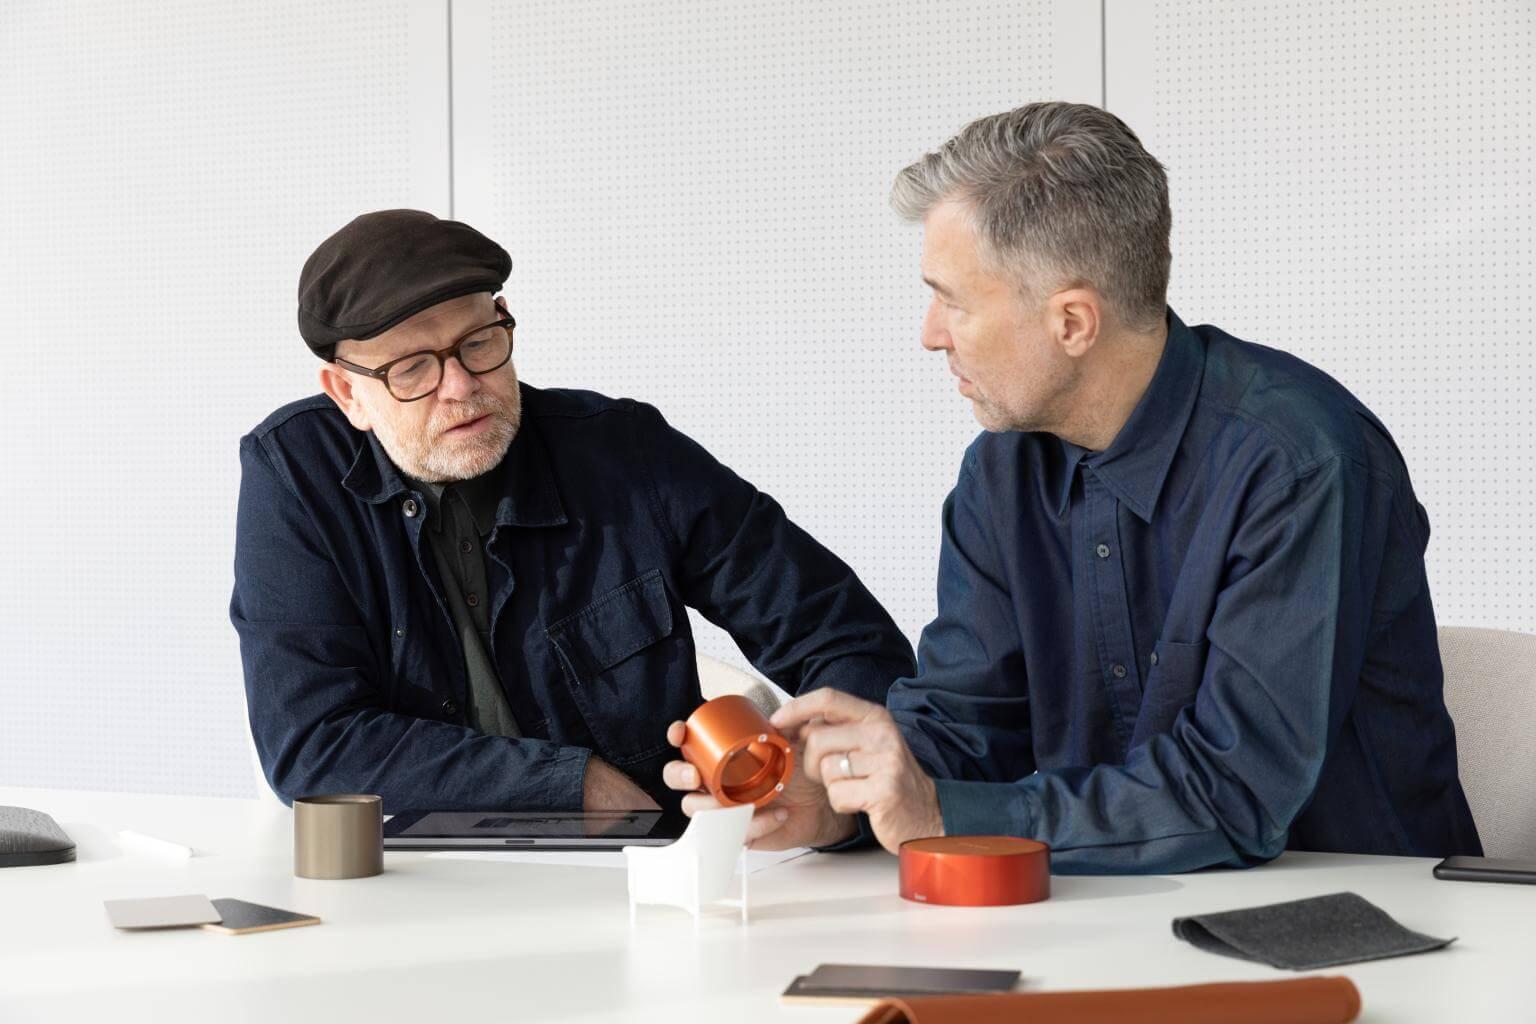 Luke Pearson & Tom Lloyd podczas rozmowy